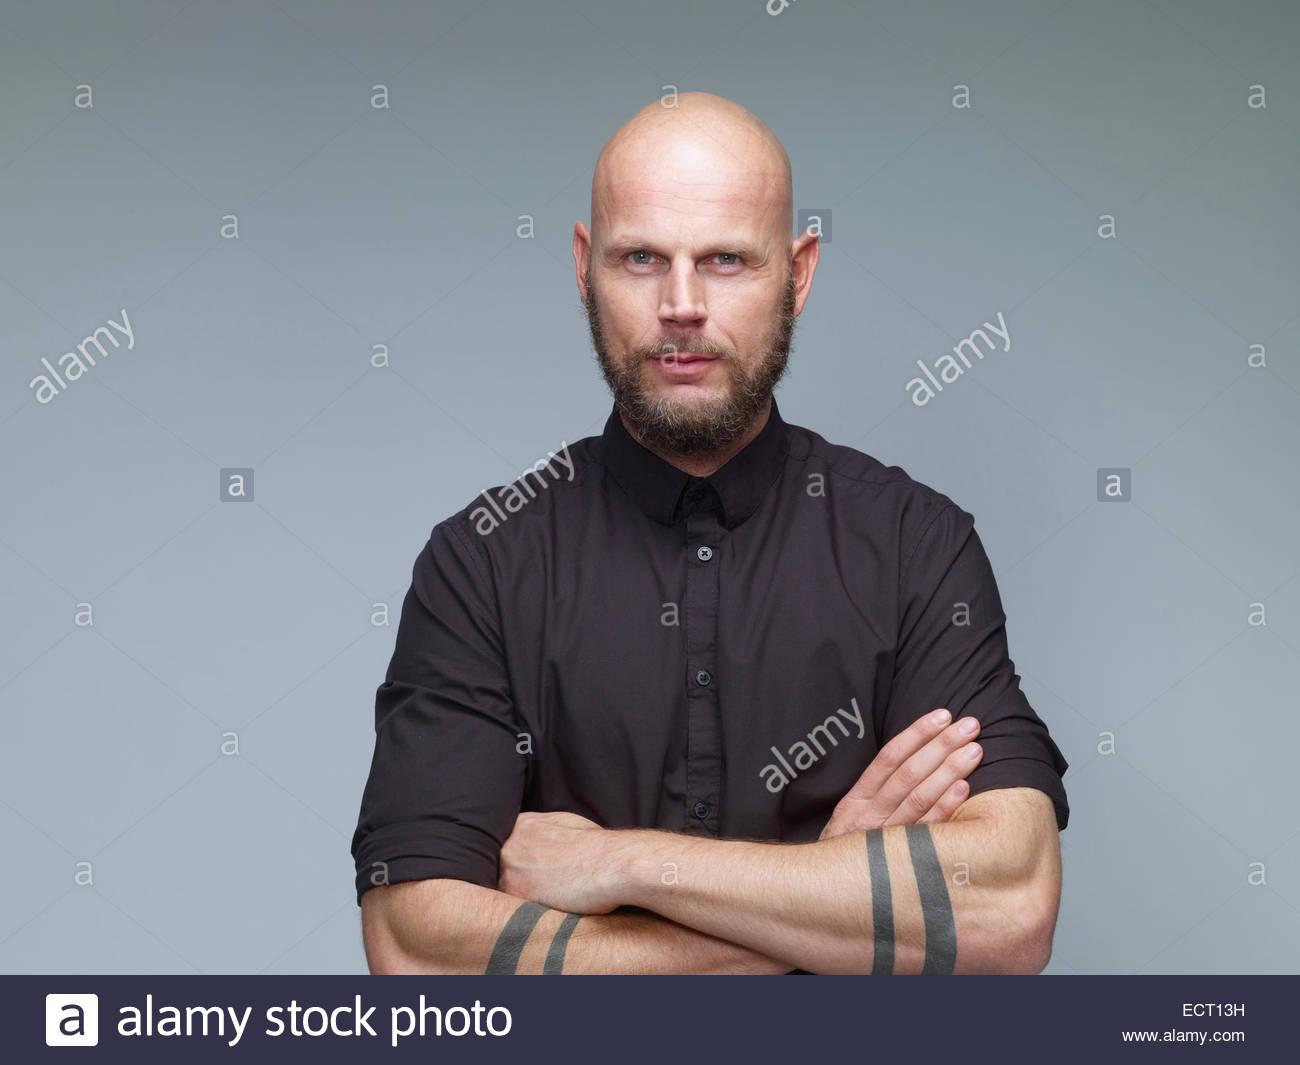 Porträt Von Mann Mit Glatze Und Voller Bart In Schwarz Vor Grauem